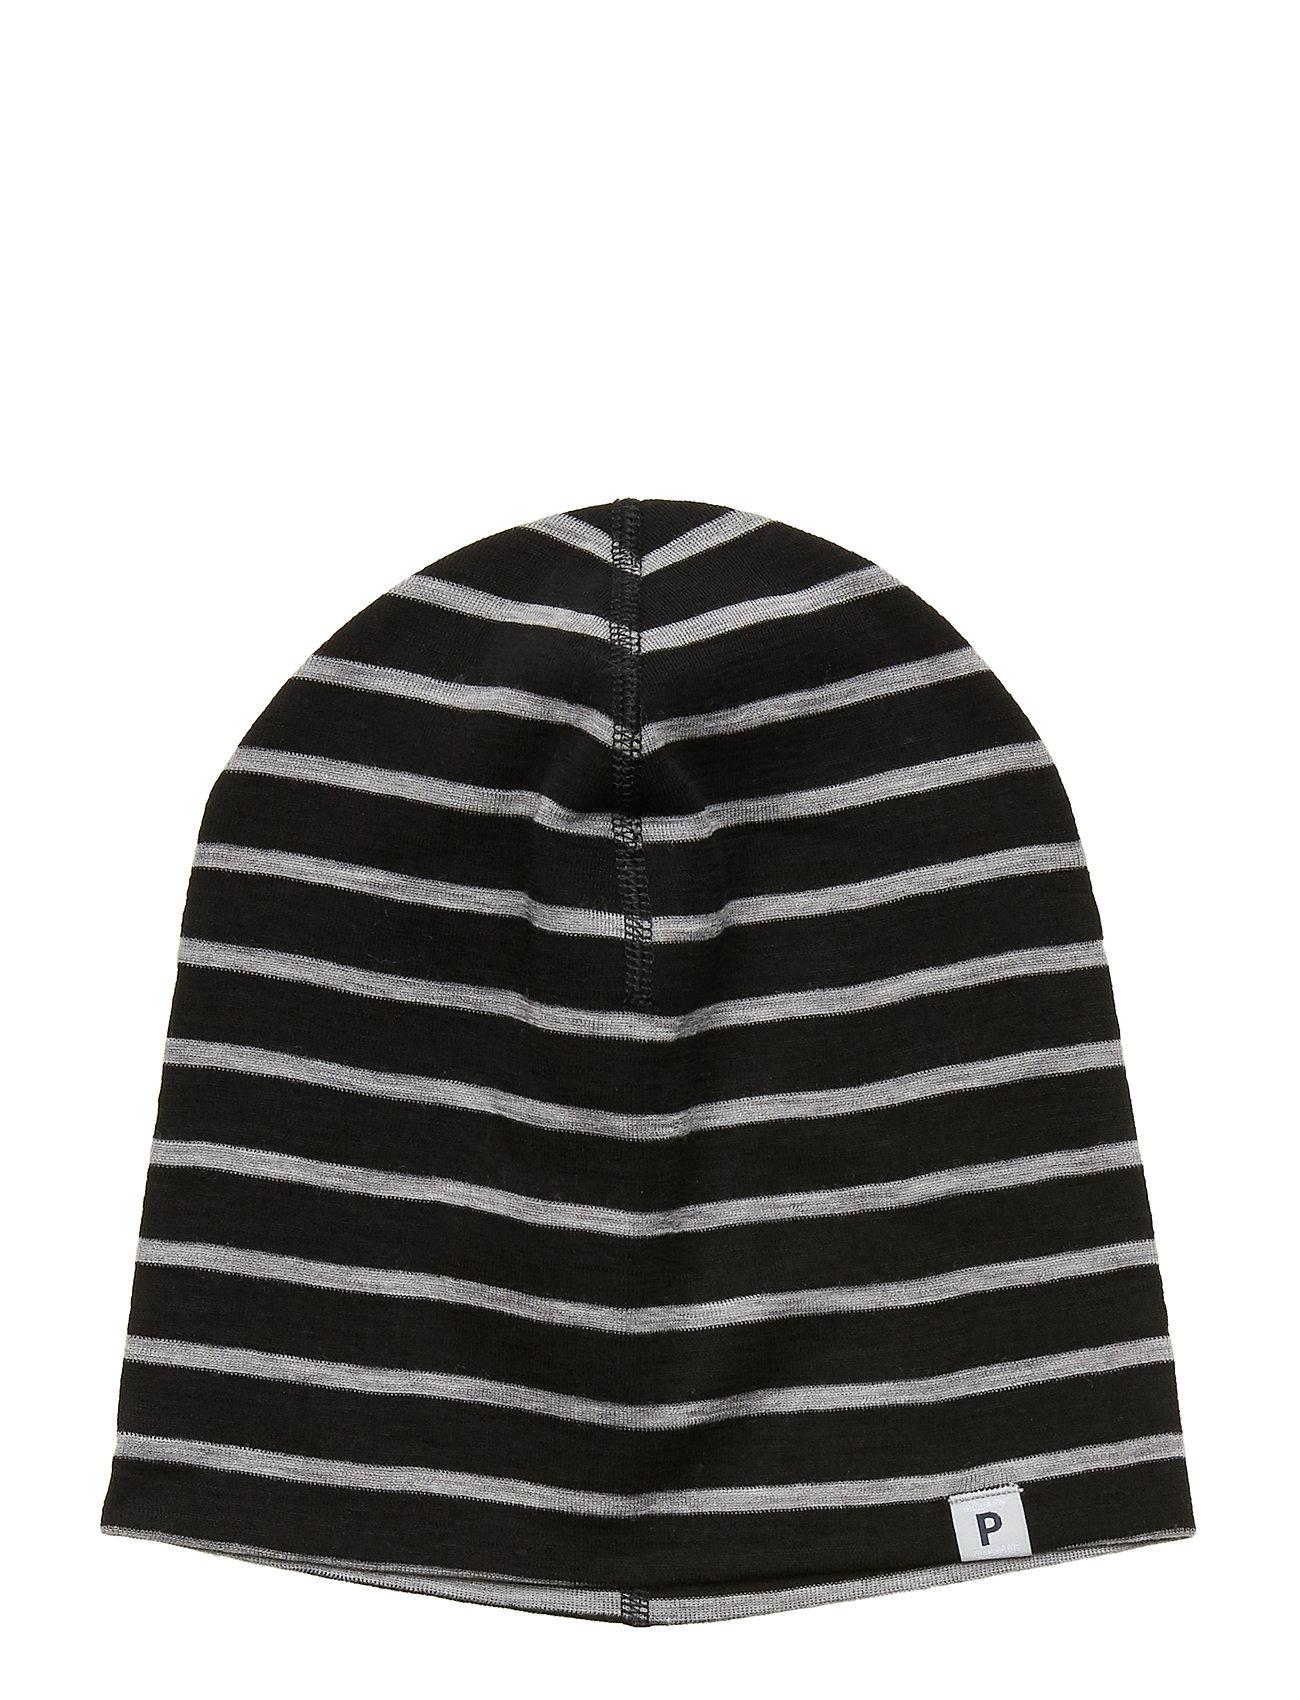 Polarn O. Pyret Cap Wool Solid Baby - GREYMELANGE